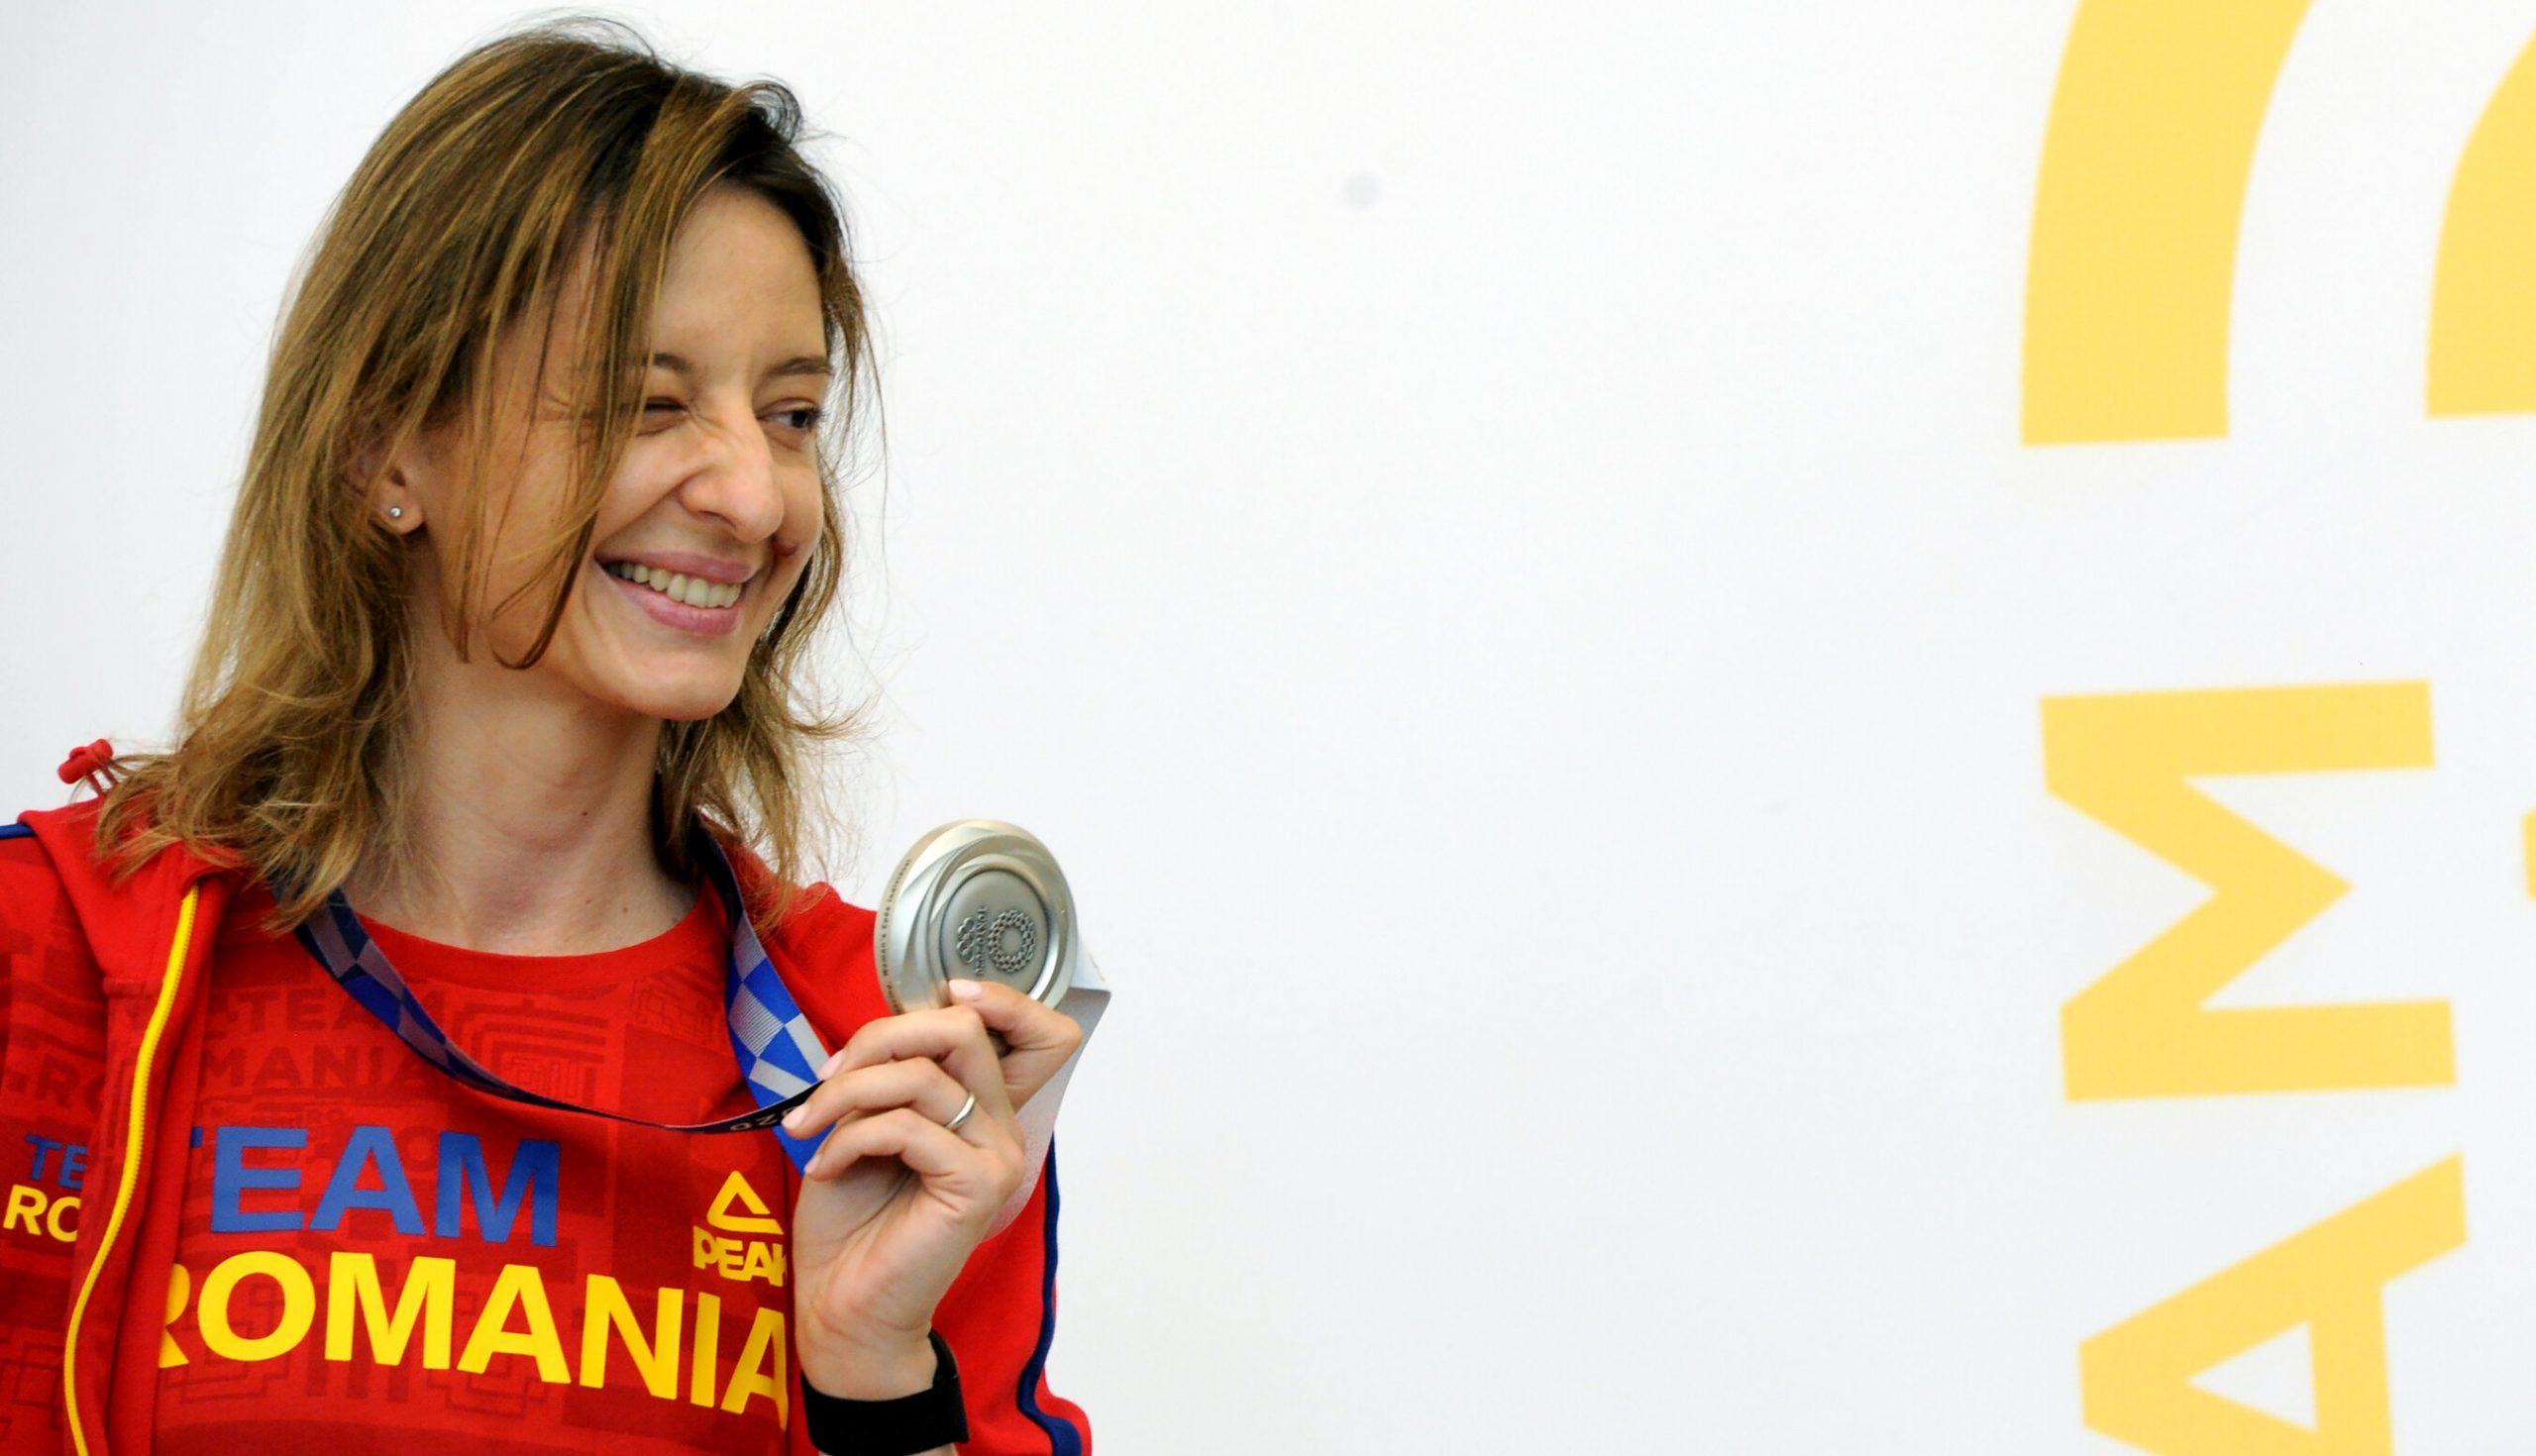 """Ana Maria Popescu regretă că l-a lăsat cu mâna întinsă pe ministrul Sportului. """"Le mulțumesc celor care au înțeles mesajul meu"""""""